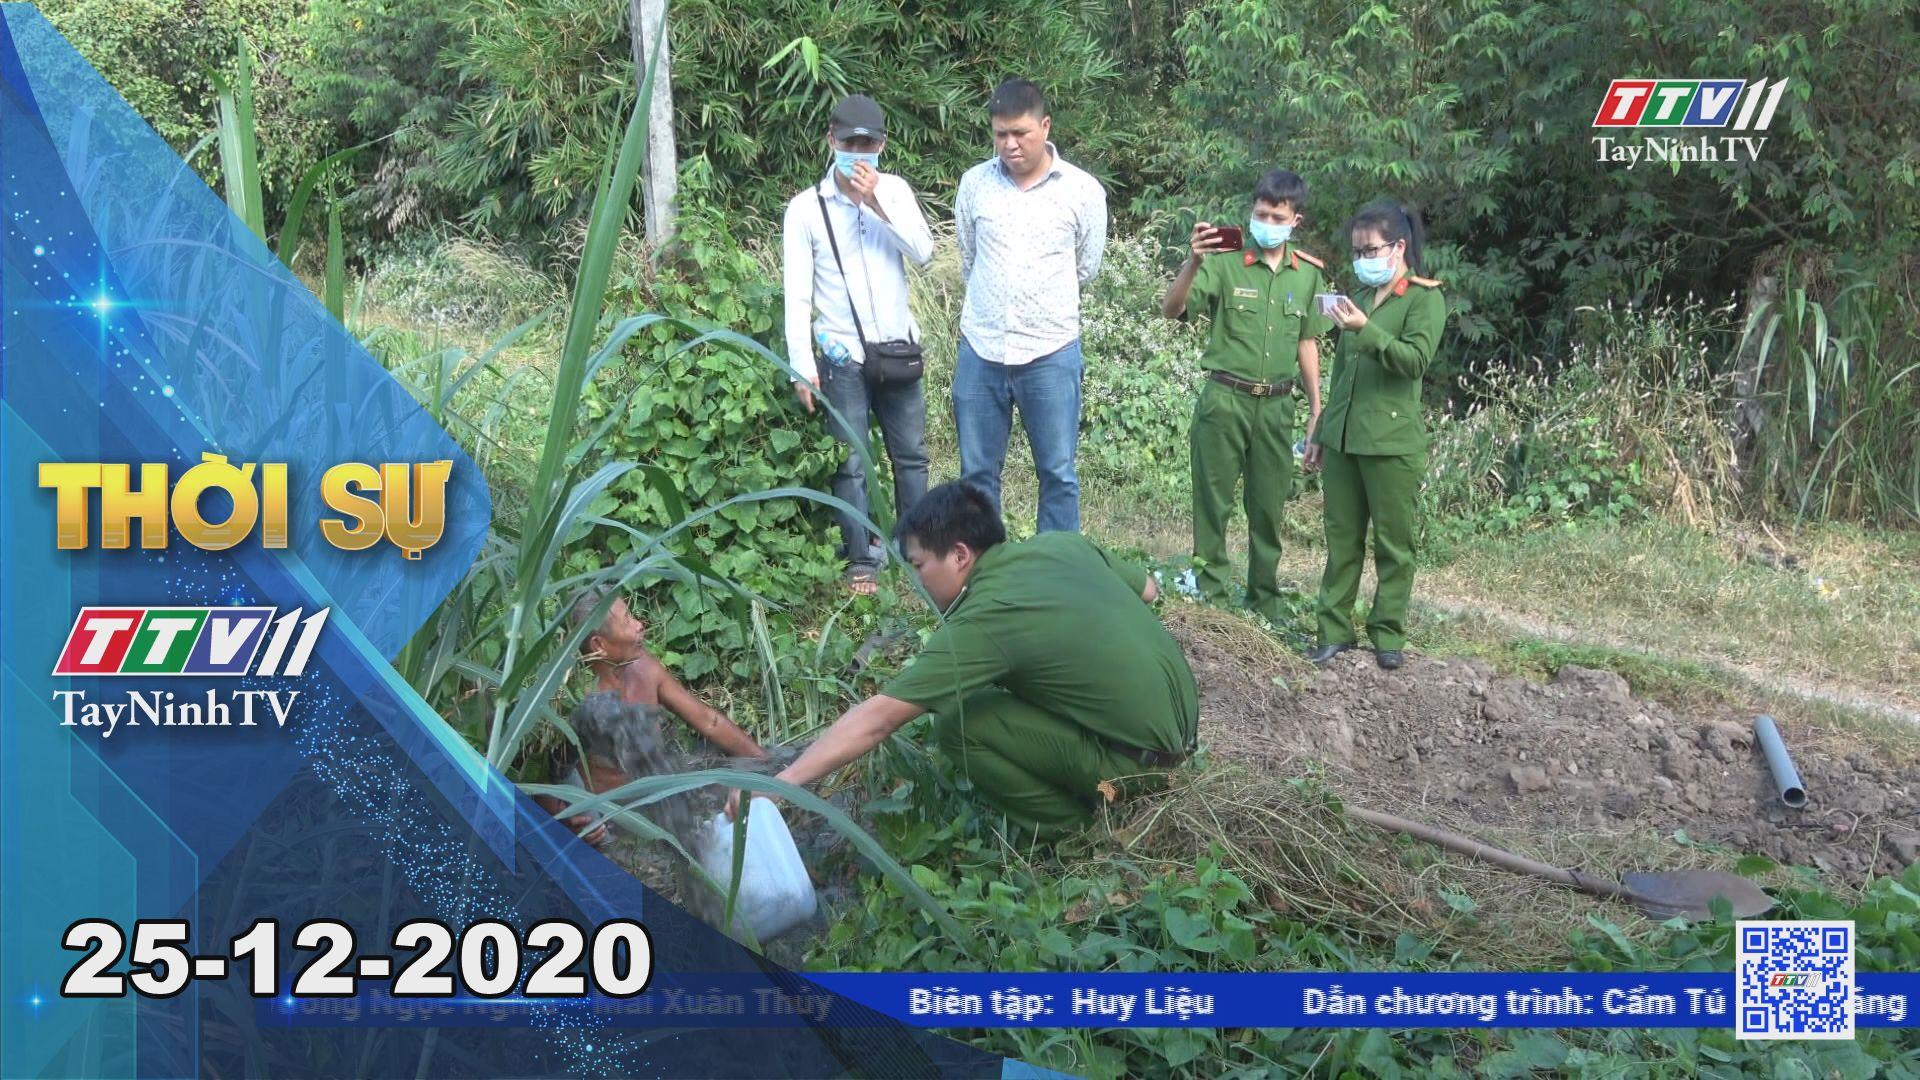 Thời sự Tây Ninh 25-12-2020 | Tin tức hôm nay | TayNinhTV